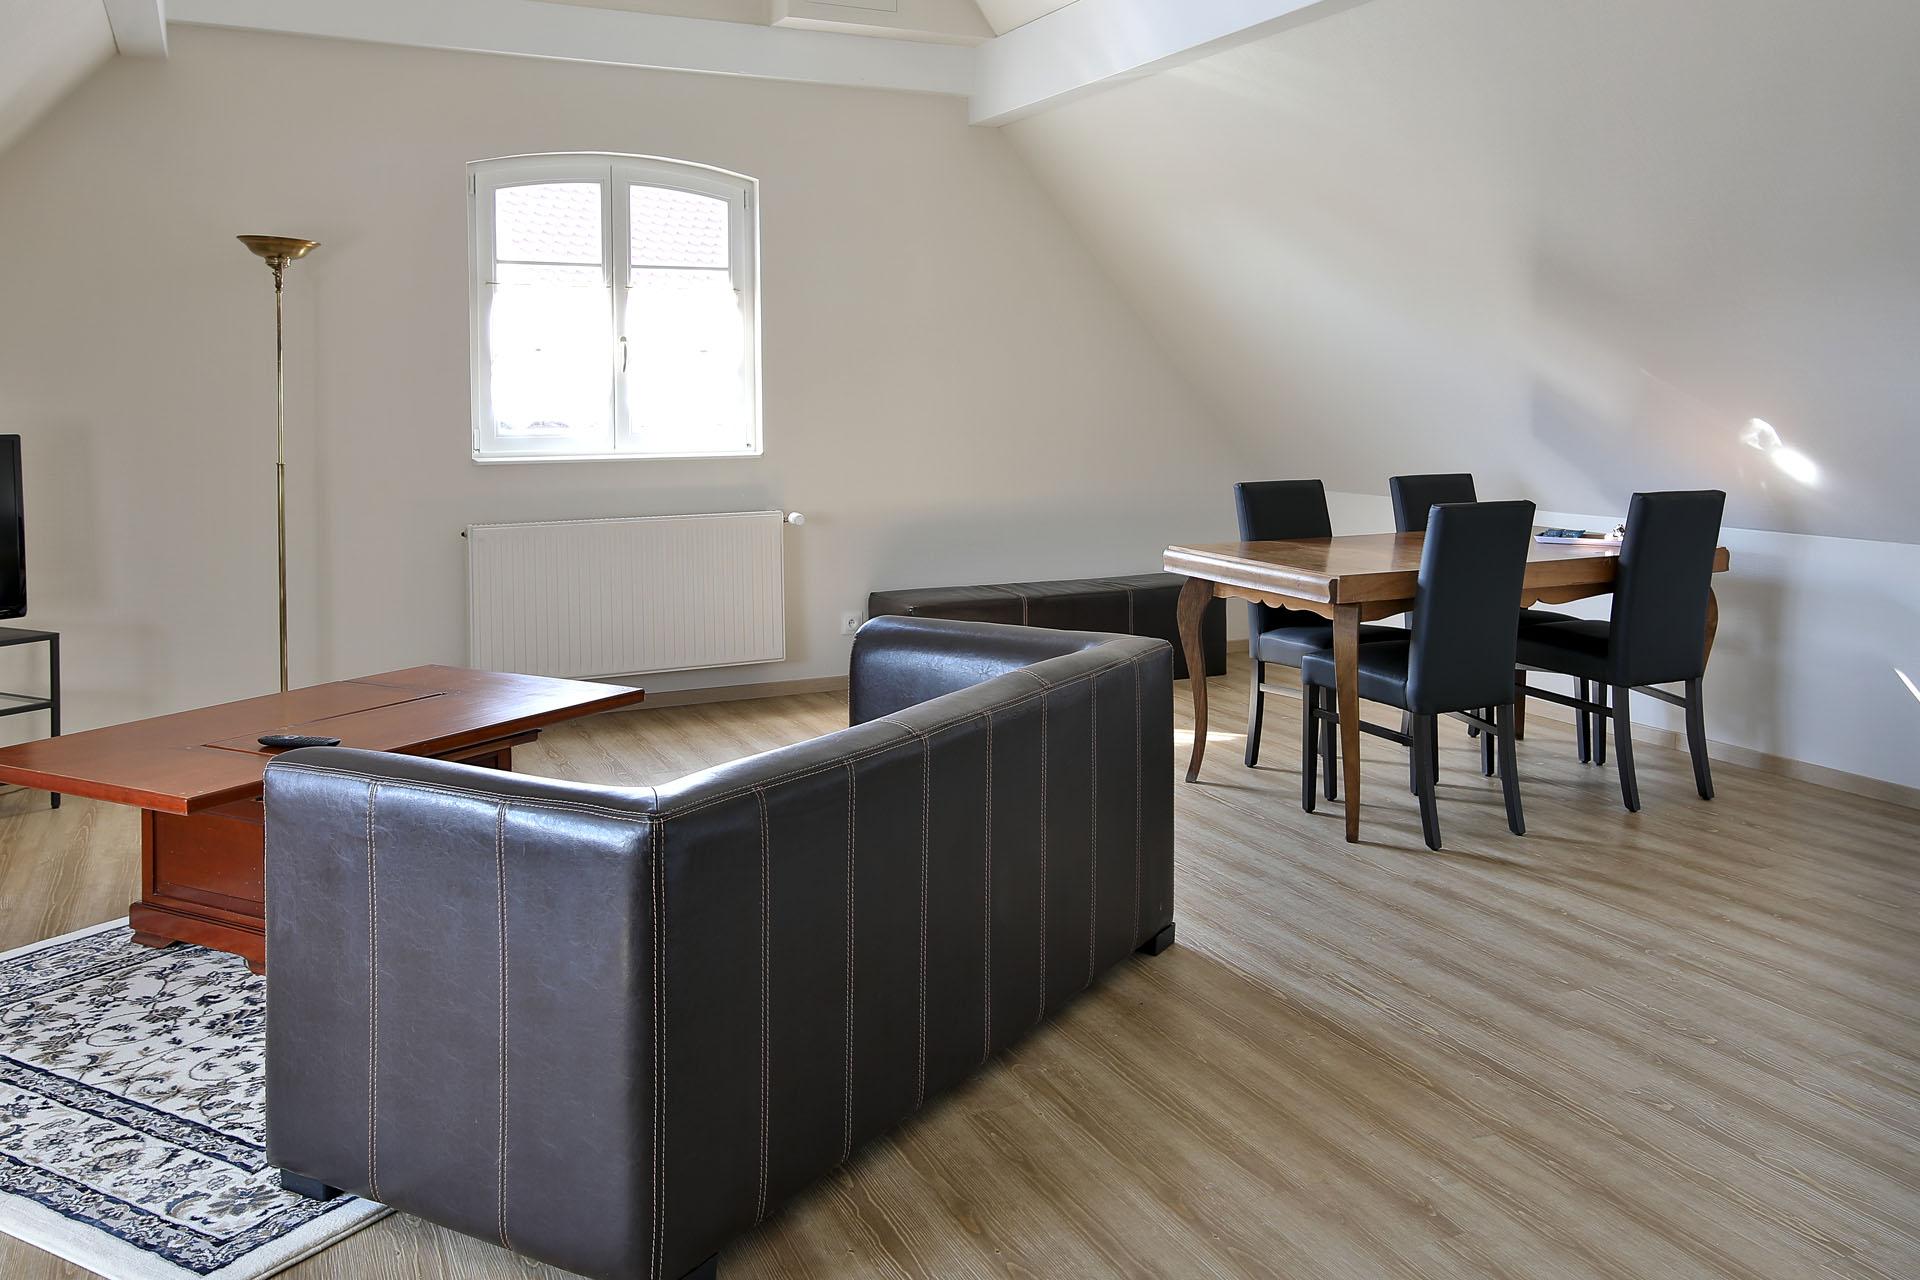 meubl de tourisme la maison mann le muhlbach sand. Black Bedroom Furniture Sets. Home Design Ideas